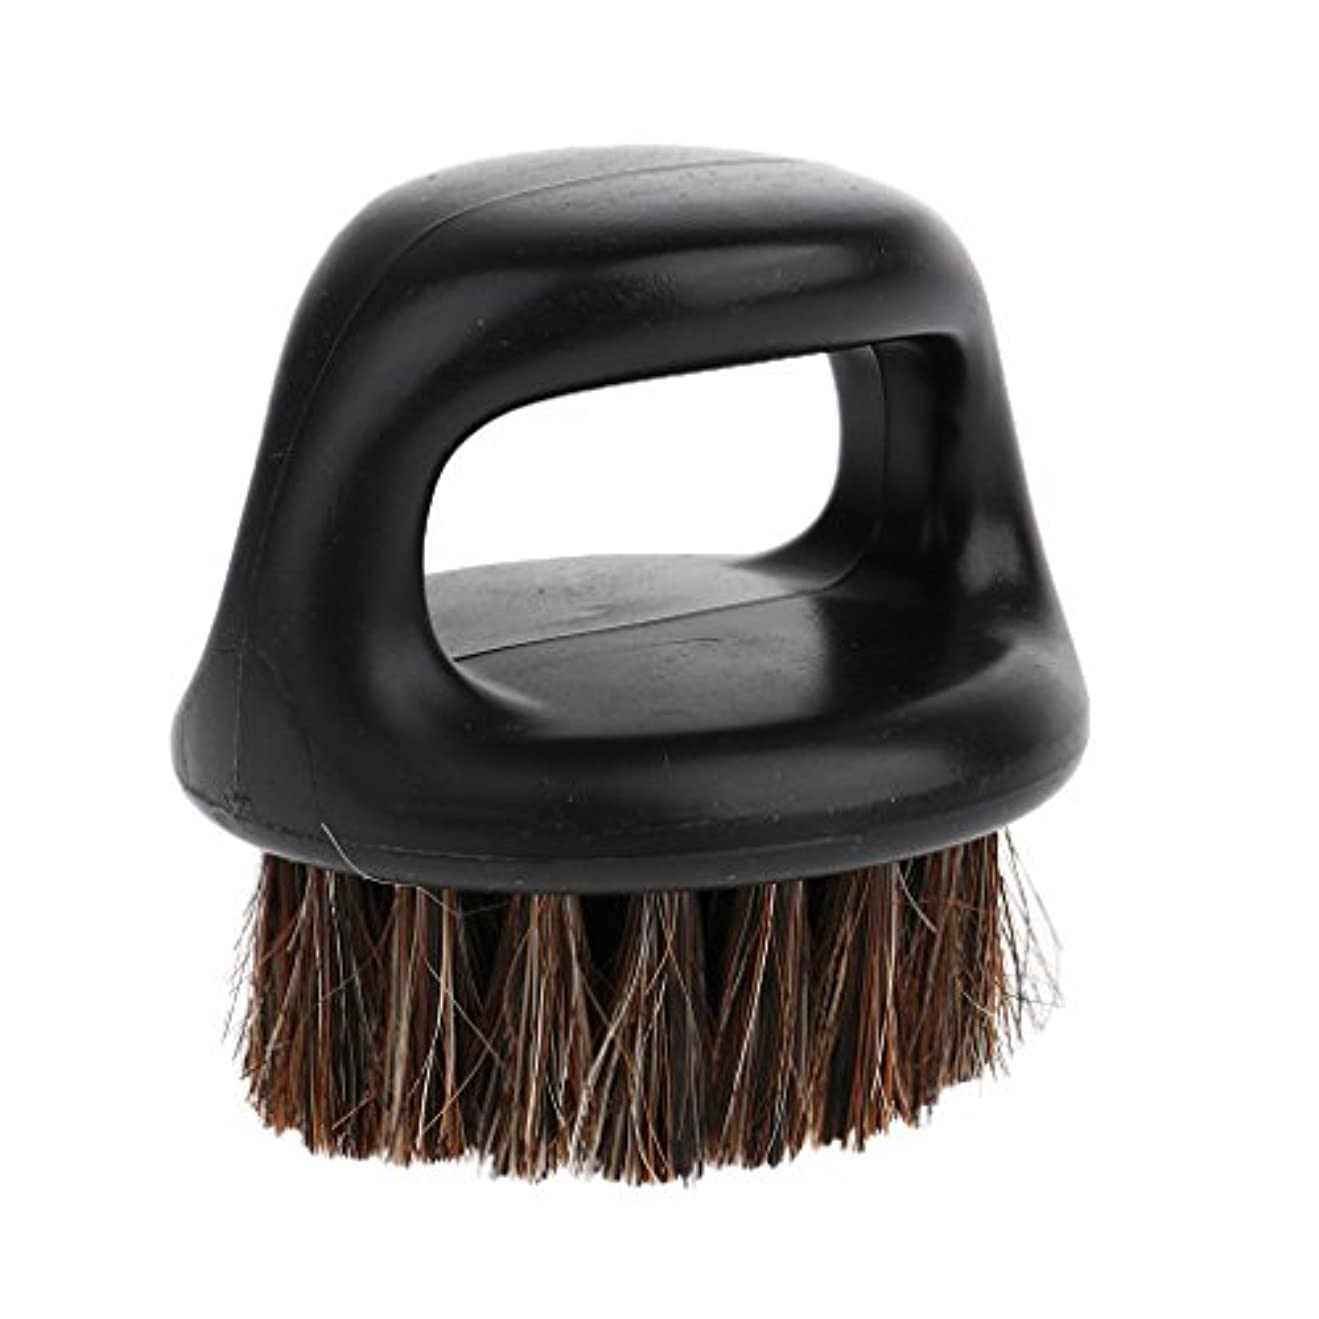 玉米ドルモニカシェービングブラシ ビアードブラシ ひげ剃り ブラシ ヘアケア ハンドル付き ポータブル メンズ